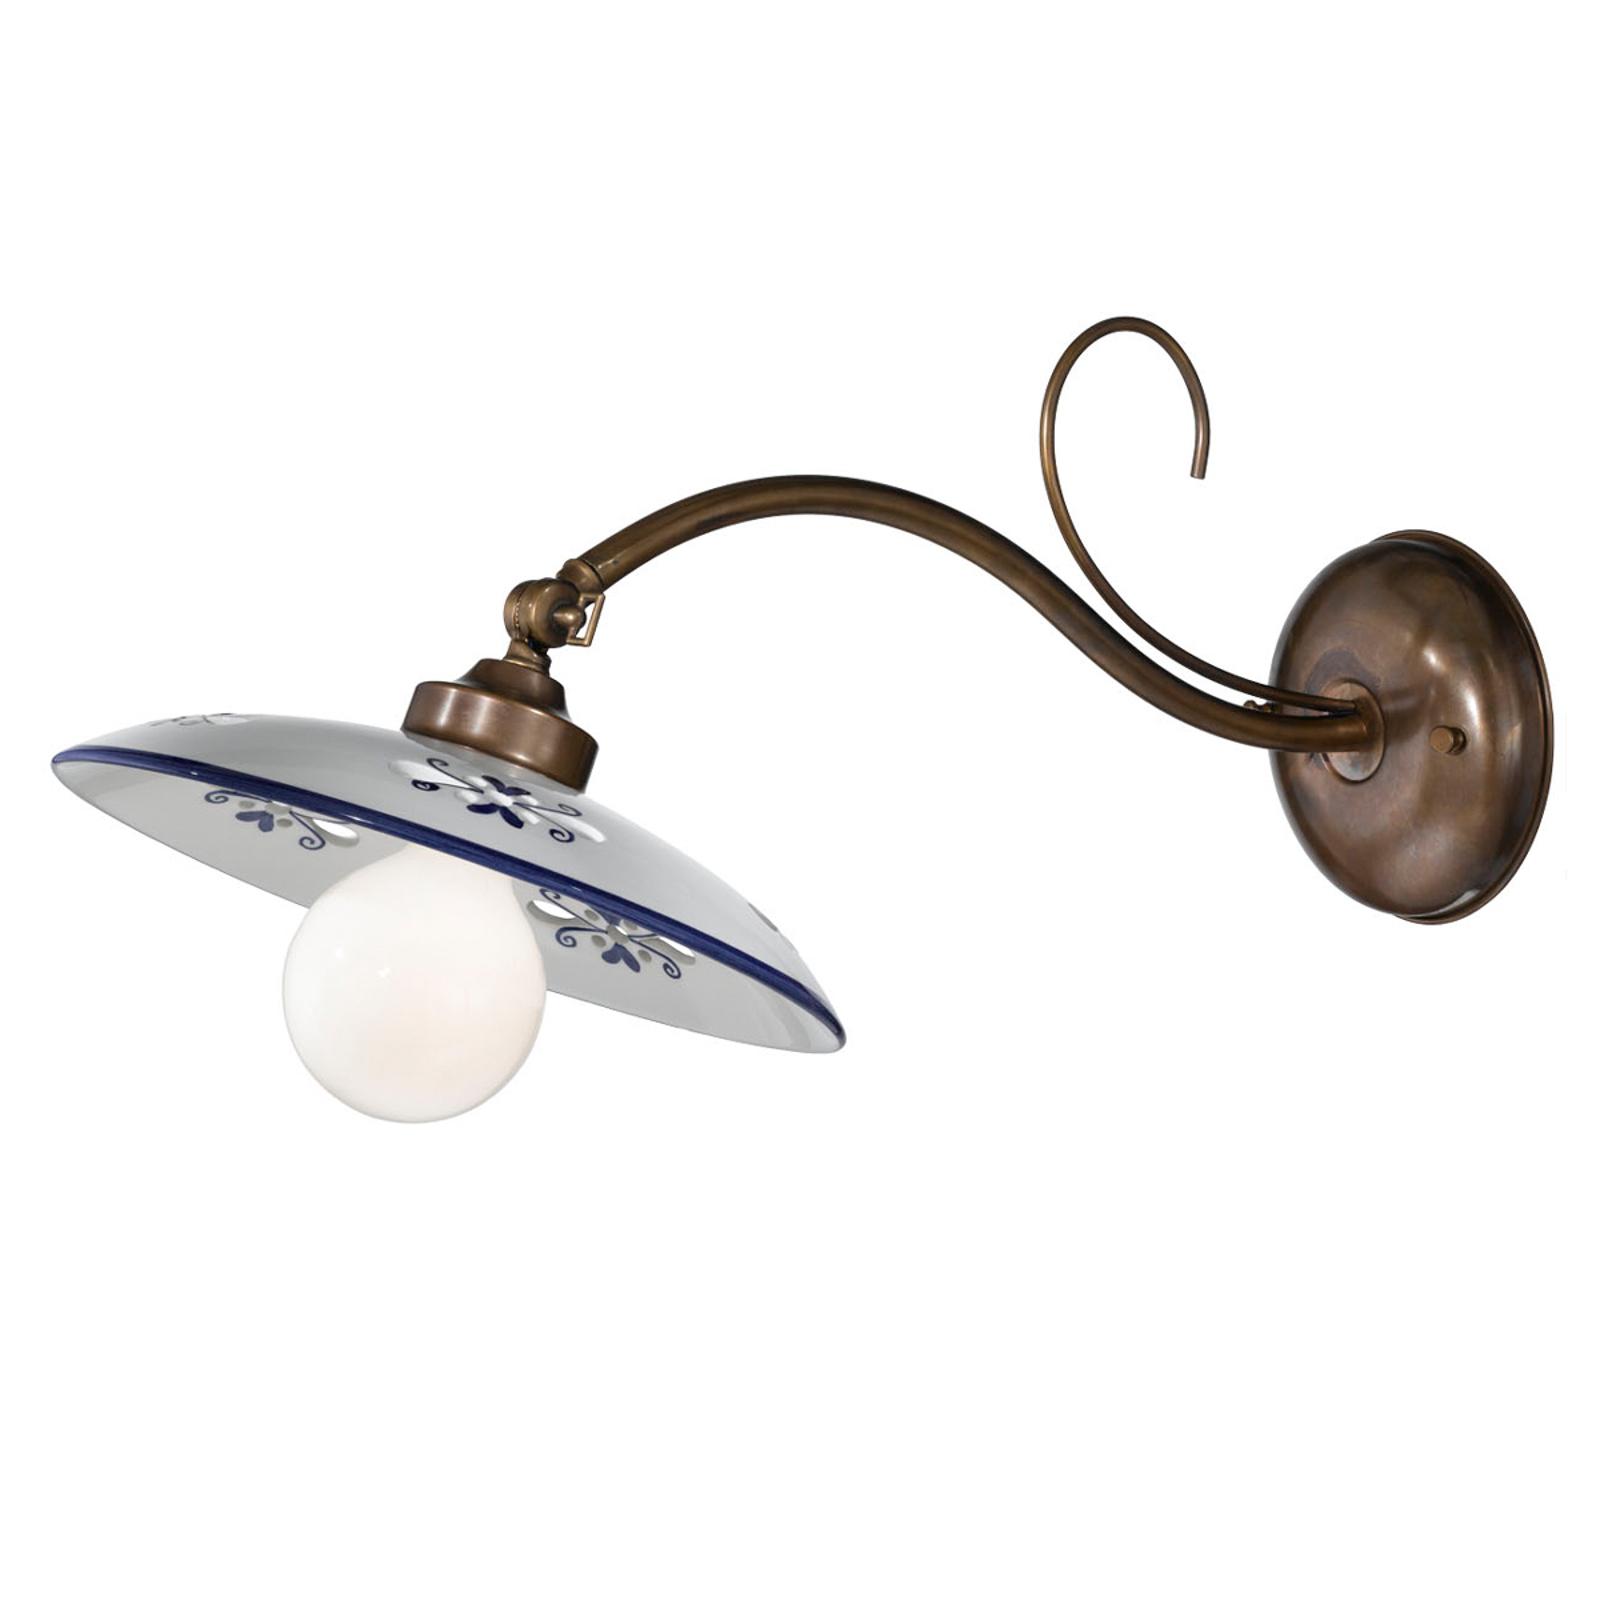 Vegglampe Bassano, keramisk skjerm, utgående, blå